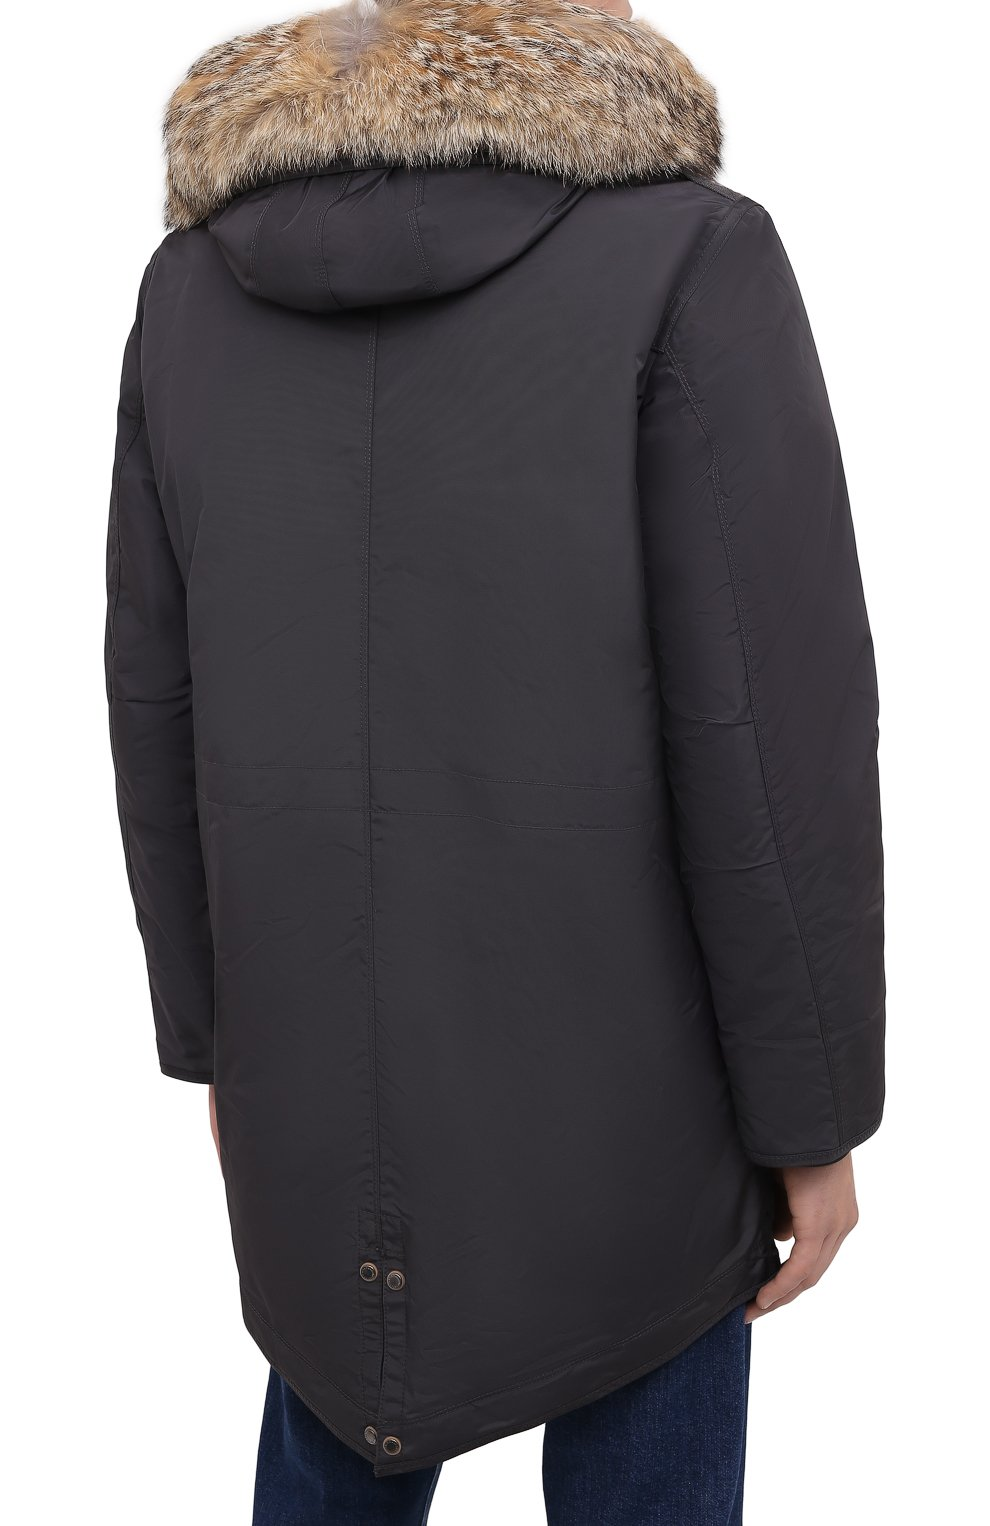 Мужская пуховая парка tank с меховой отделкой PARAJUMPERS темно-серого цвета, арт. MA07/TANK   Фото 5 (Кросс-КТ: Куртка, Пуховик; Мужское Кросс-КТ: пуховик-короткий, Пуховик-верхняя одежда, Верхняя одежда; Рукава: Длинные; Длина (верхняя одежда): До середины бедра; Материал внешний: Синтетический материал; Стили: Спорт-шик; Материал подклада: Синтетический материал; Материал утеплителя: Пух и перо)